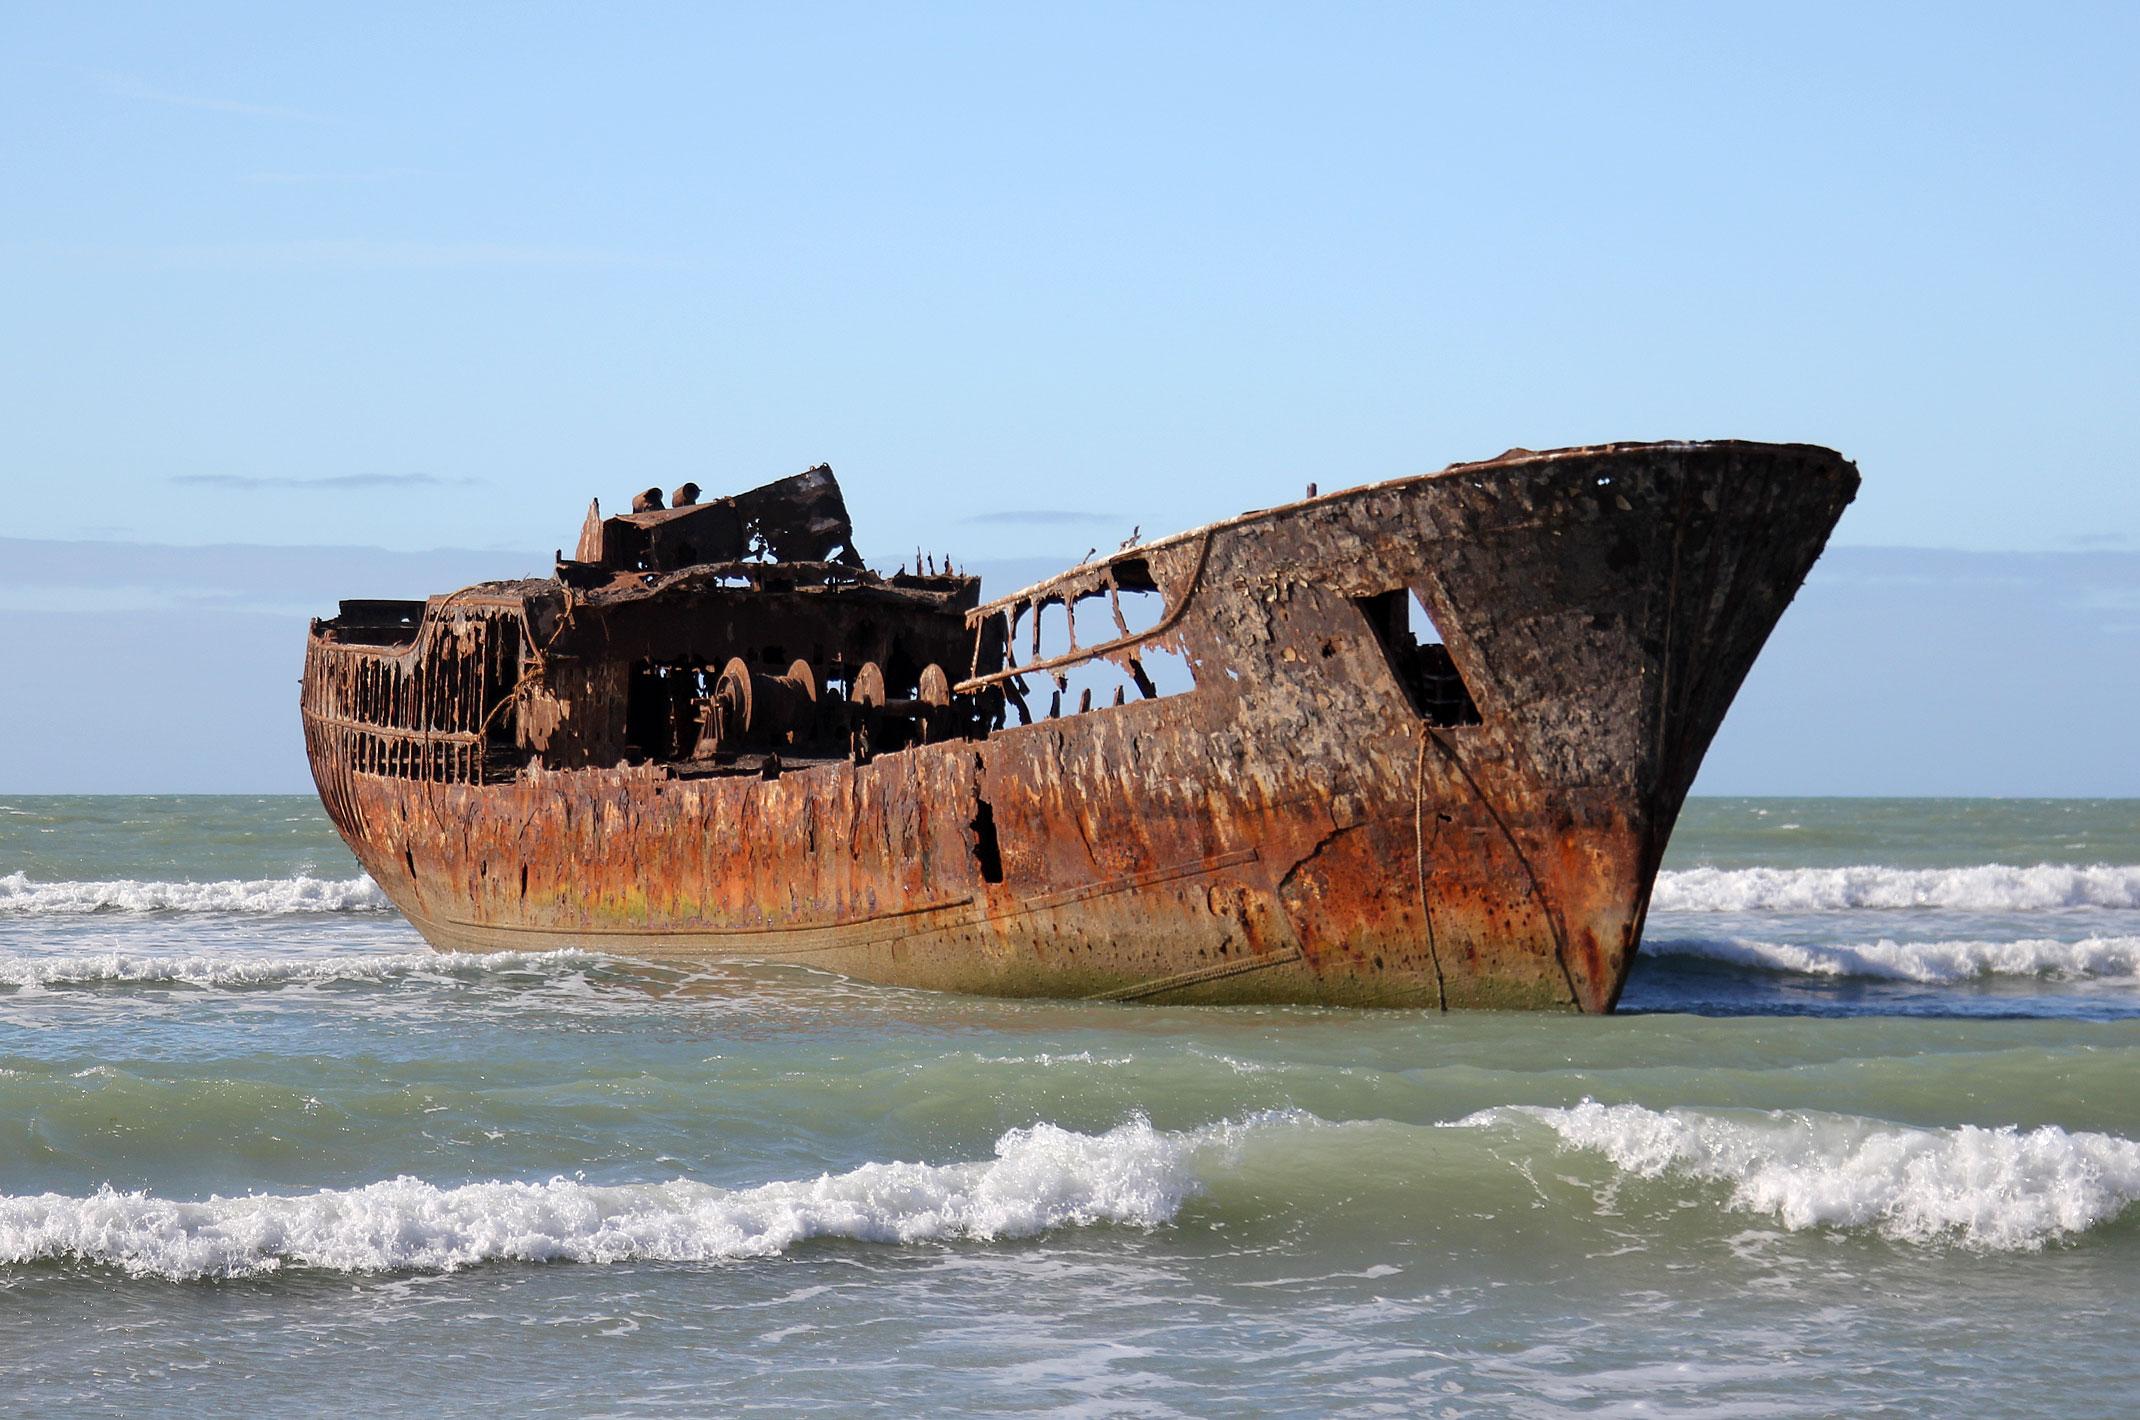 Maroko.Wrak statku.